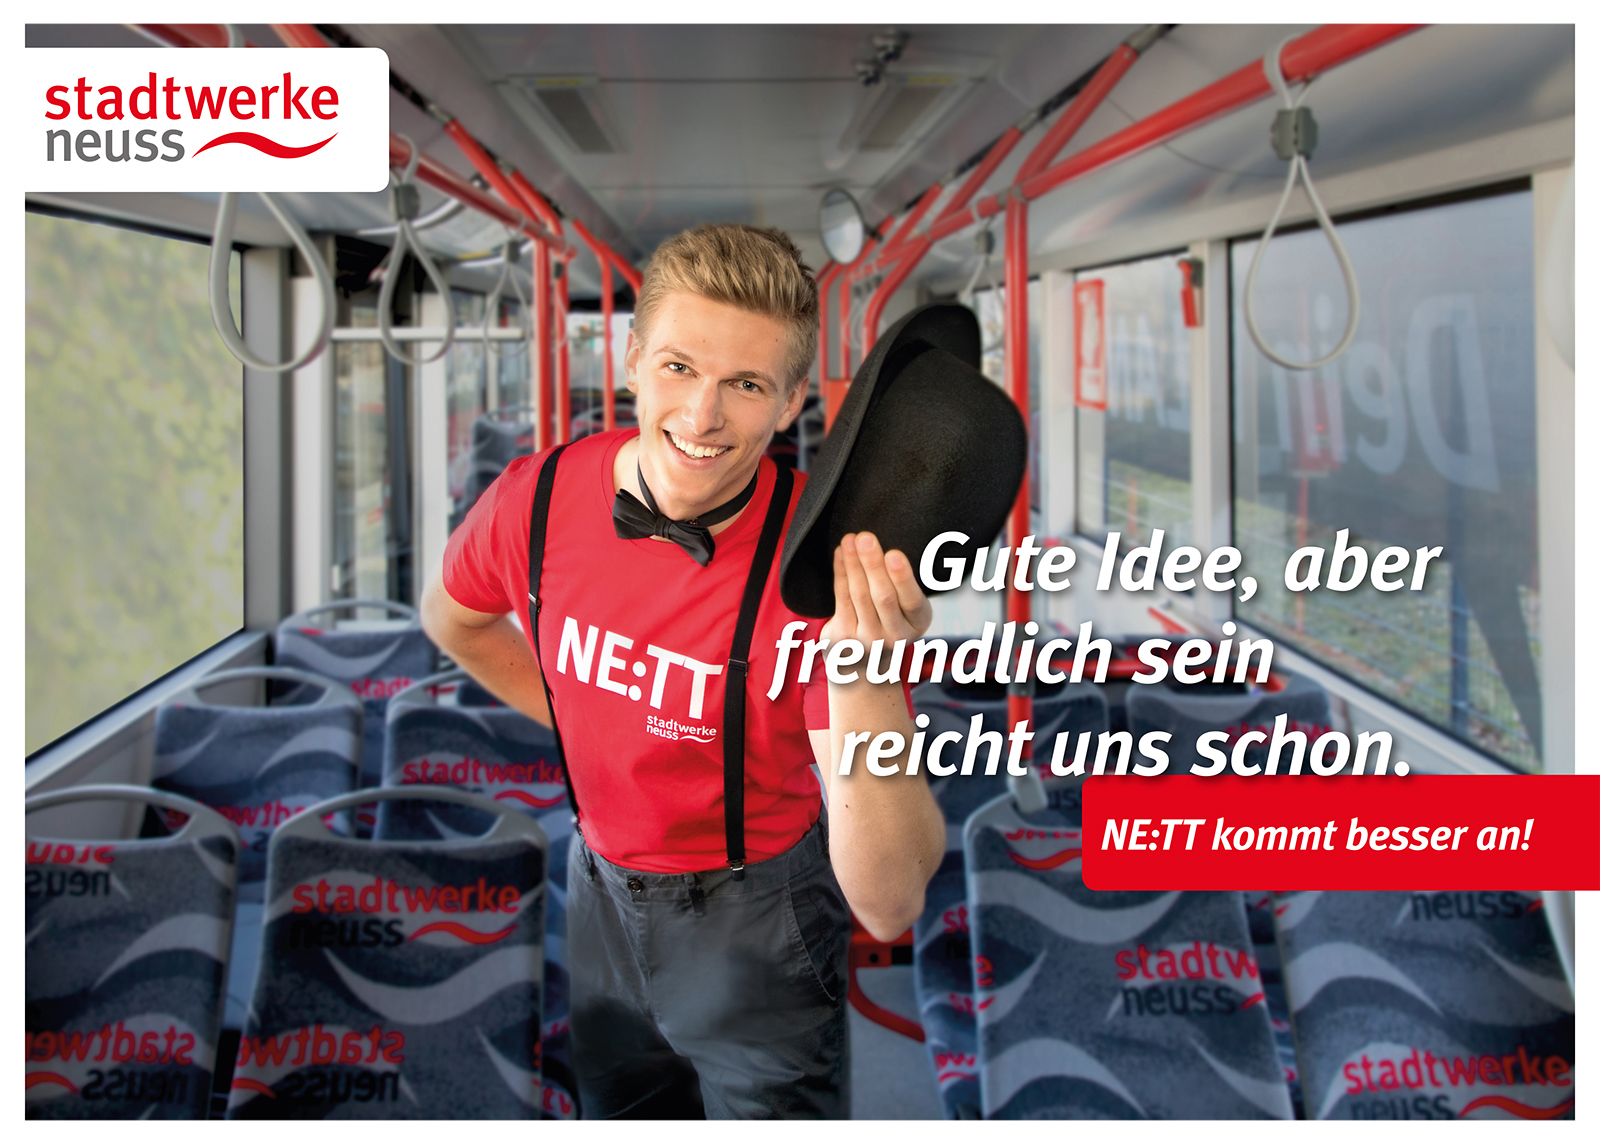 01 SWNE Kampagne Stadtwerke Neuss Werbung - Werbefotograf im Nahverkehr